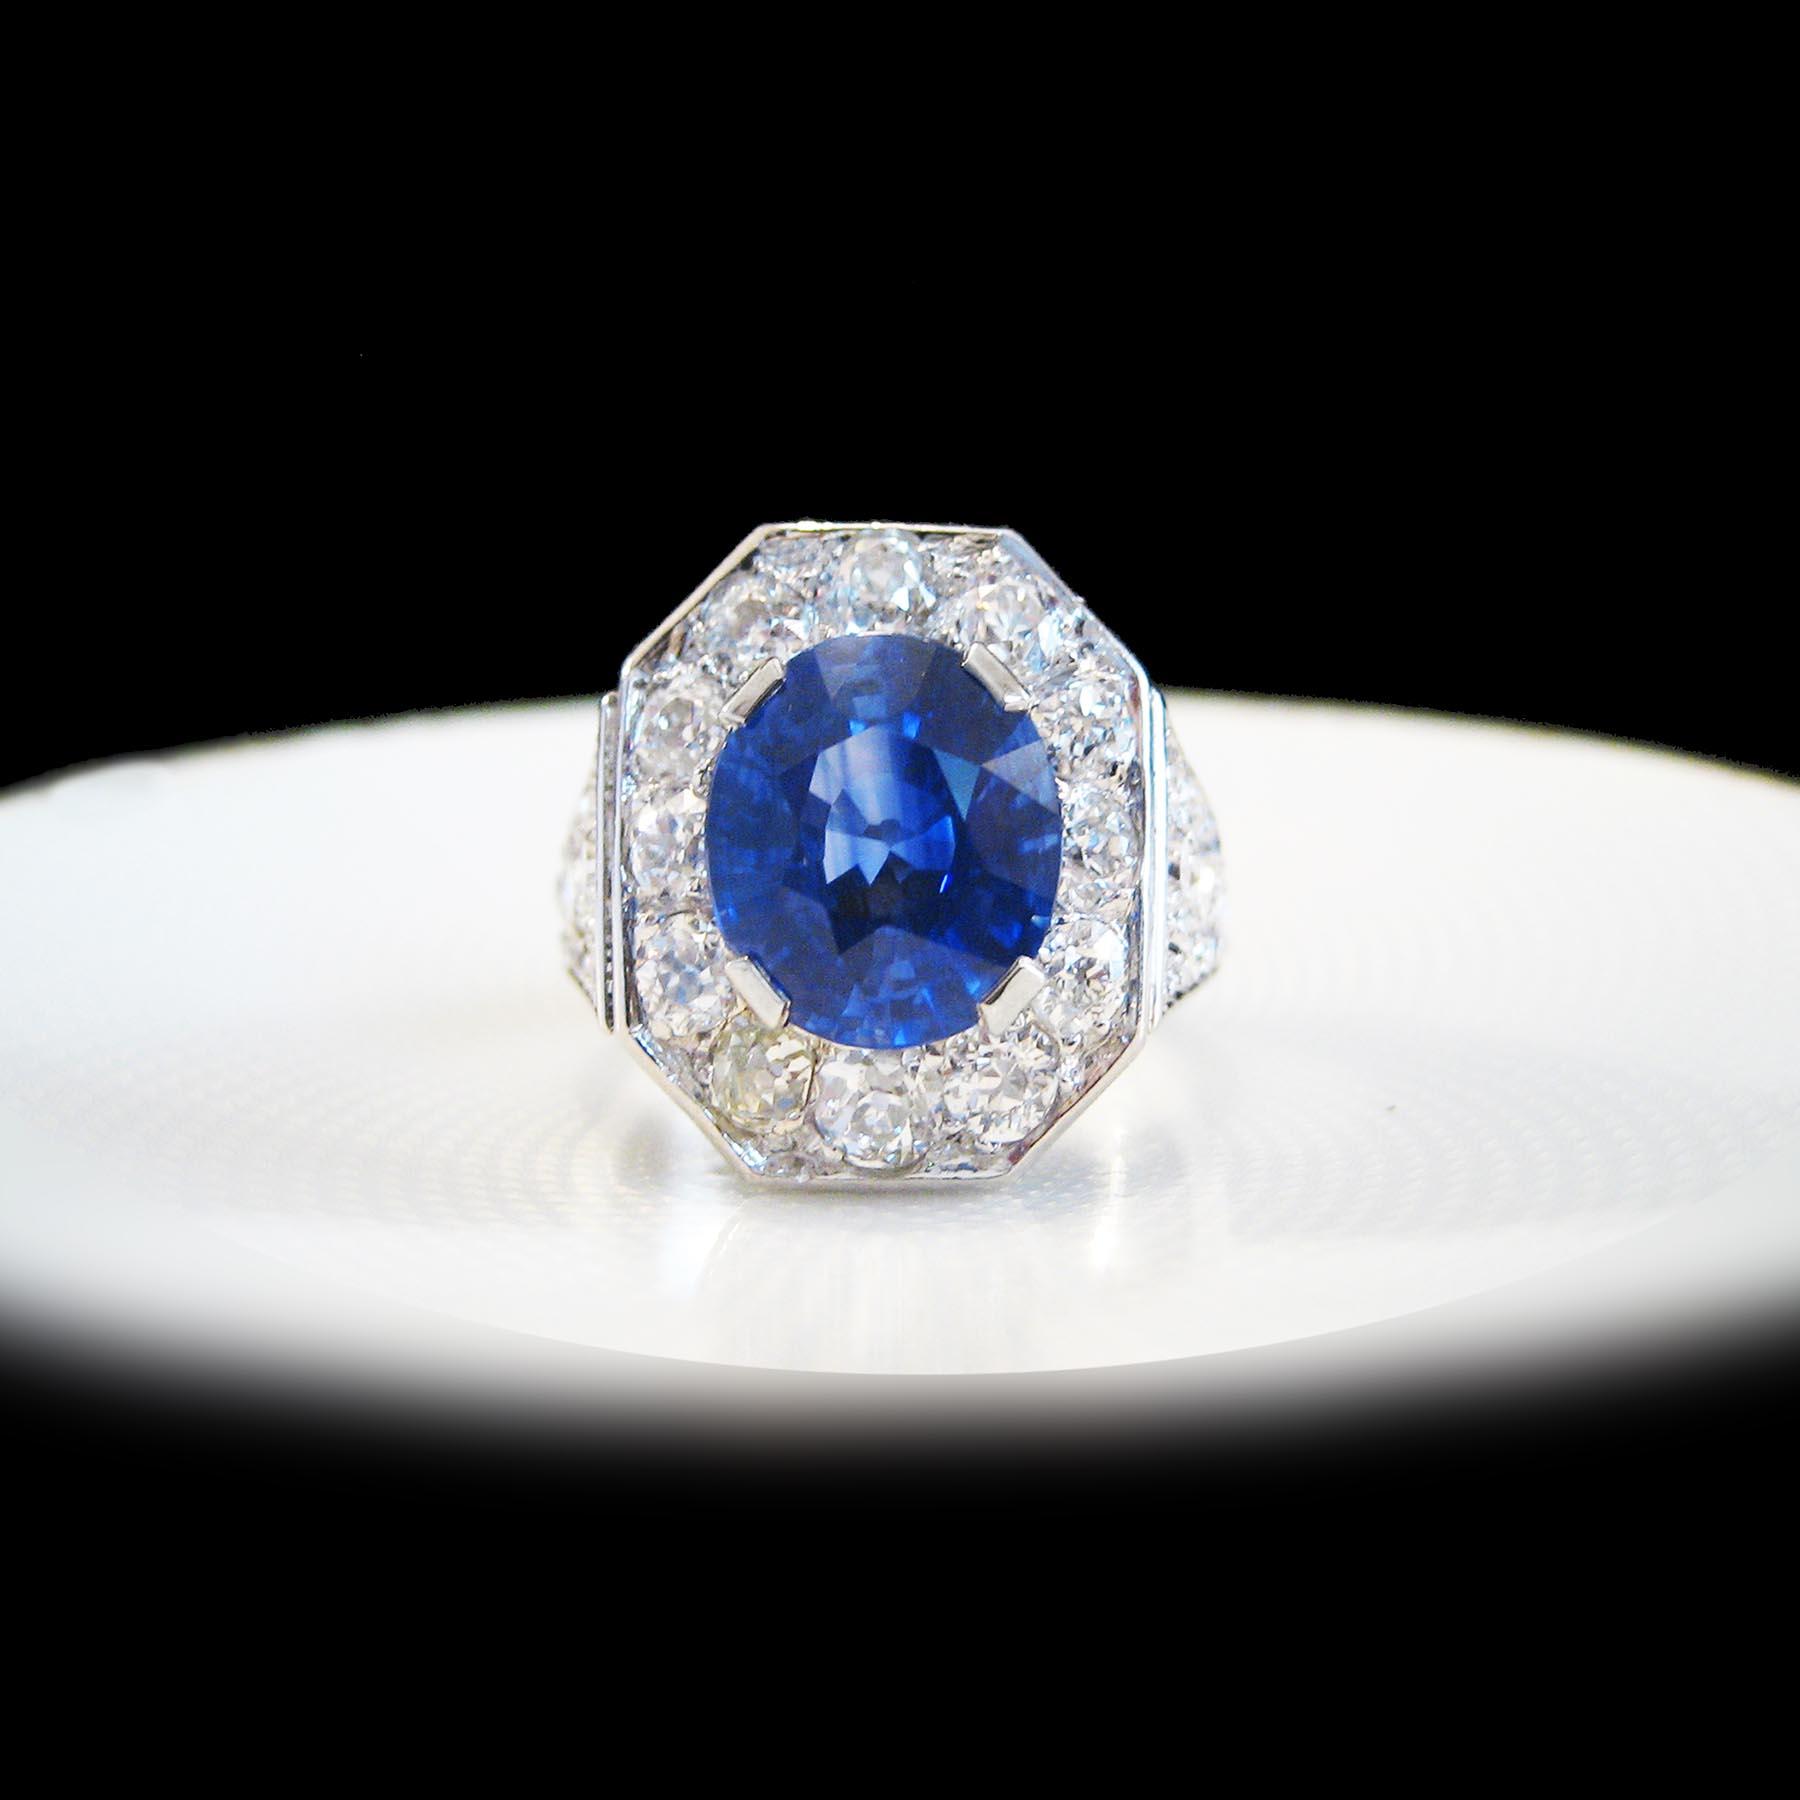 カルティエのサファイアとダイヤモンドのアンティークリングジュエリー